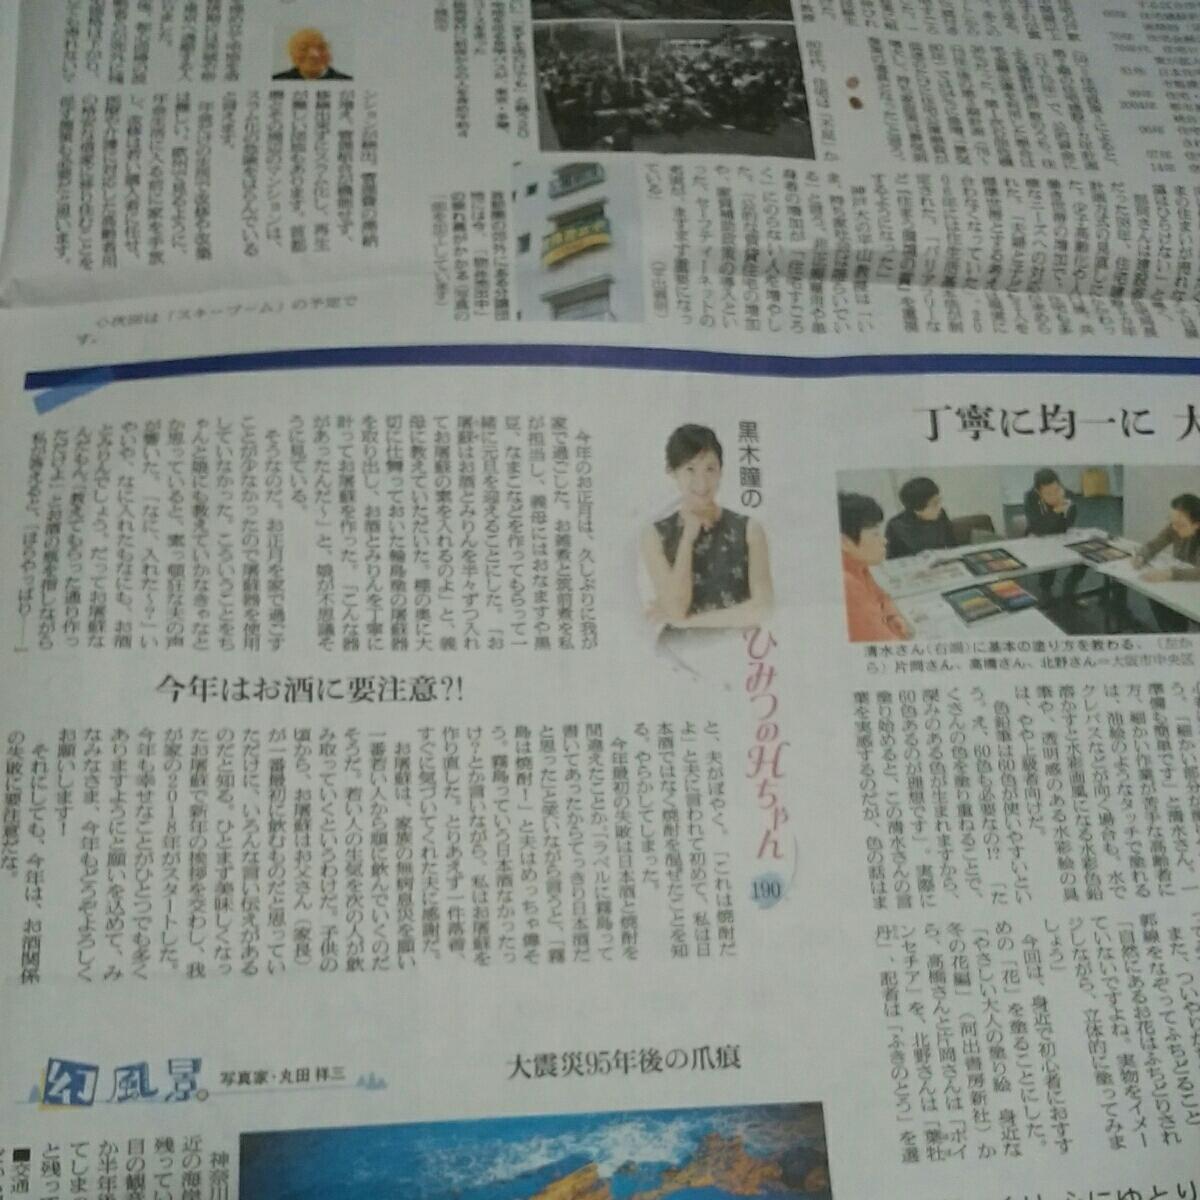 平尾誠二・黒木瞳・カヌー薬物混入 小松正治・1/10付新聞_画像2